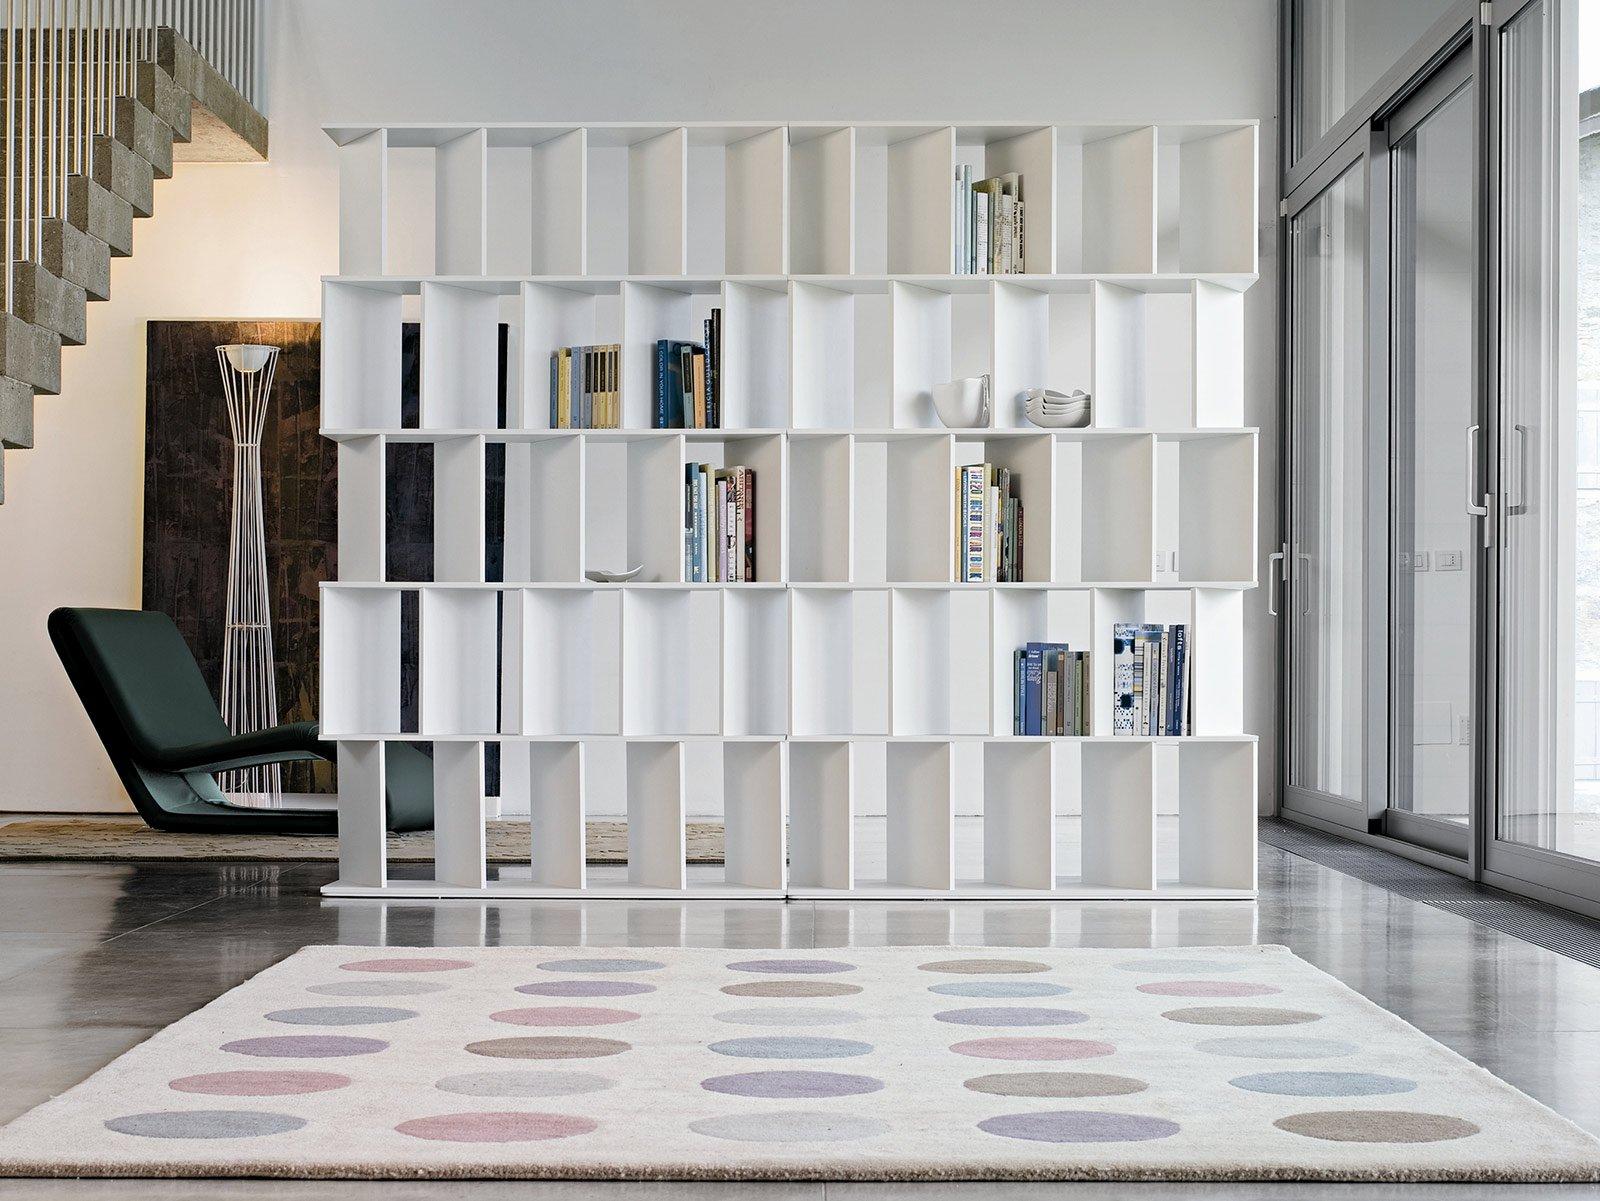 Librerie bifacciali per separare ambienti cose di casa for Ambienti interni moderni